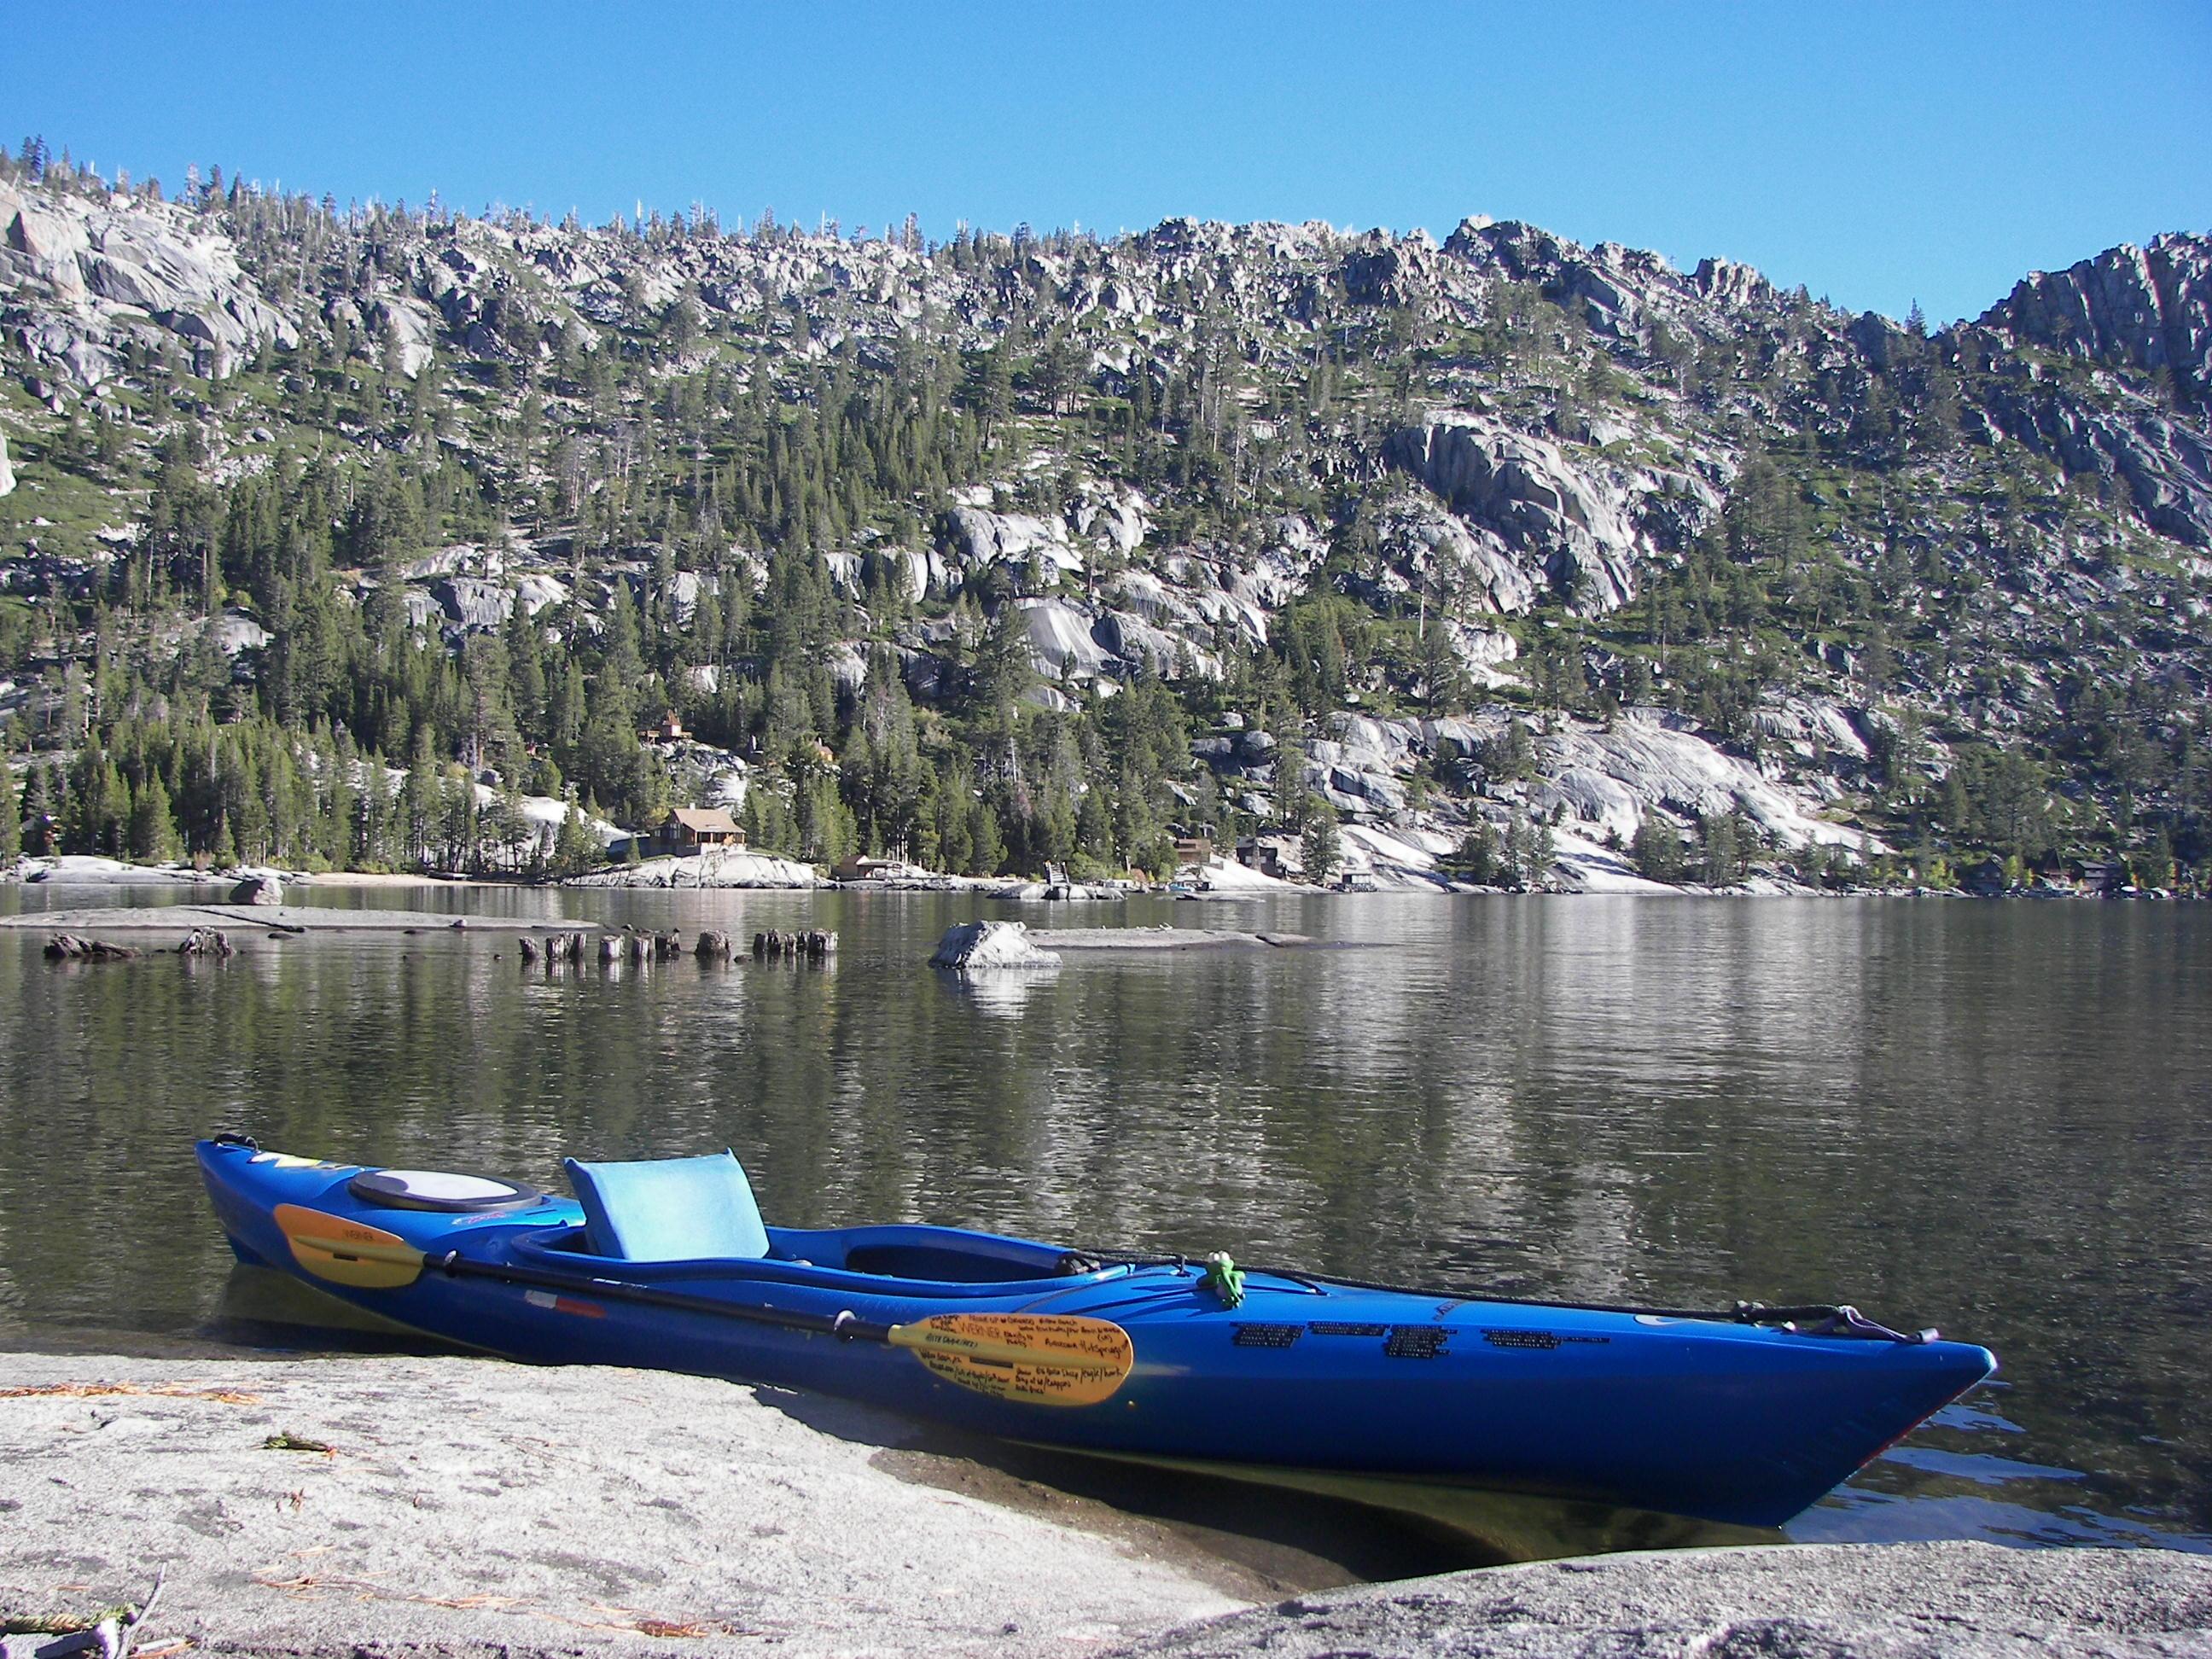 Echo lake california at lake tahoe life at 60 mph for Echo lake ca cabine